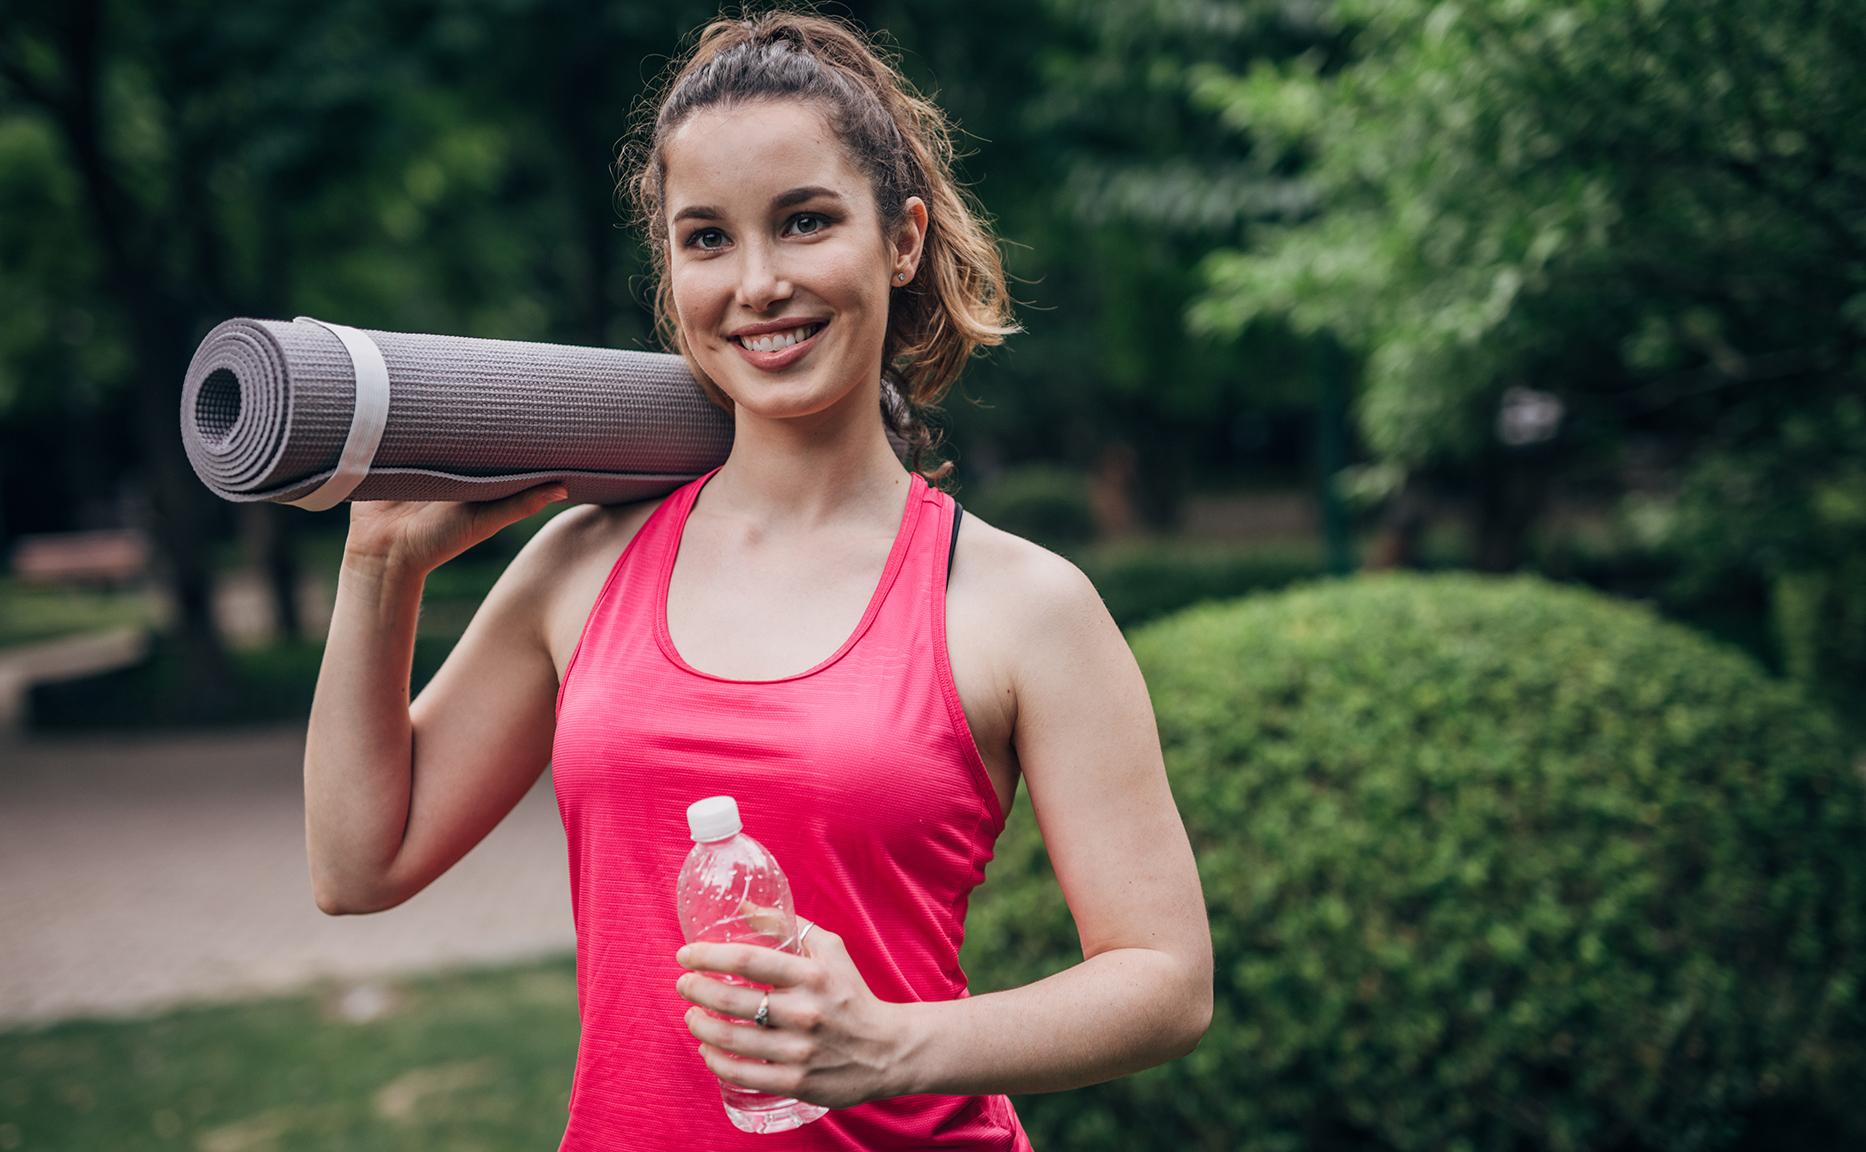 Propósitos, metas y bienestar 2020: cómo llevar una vida saludable